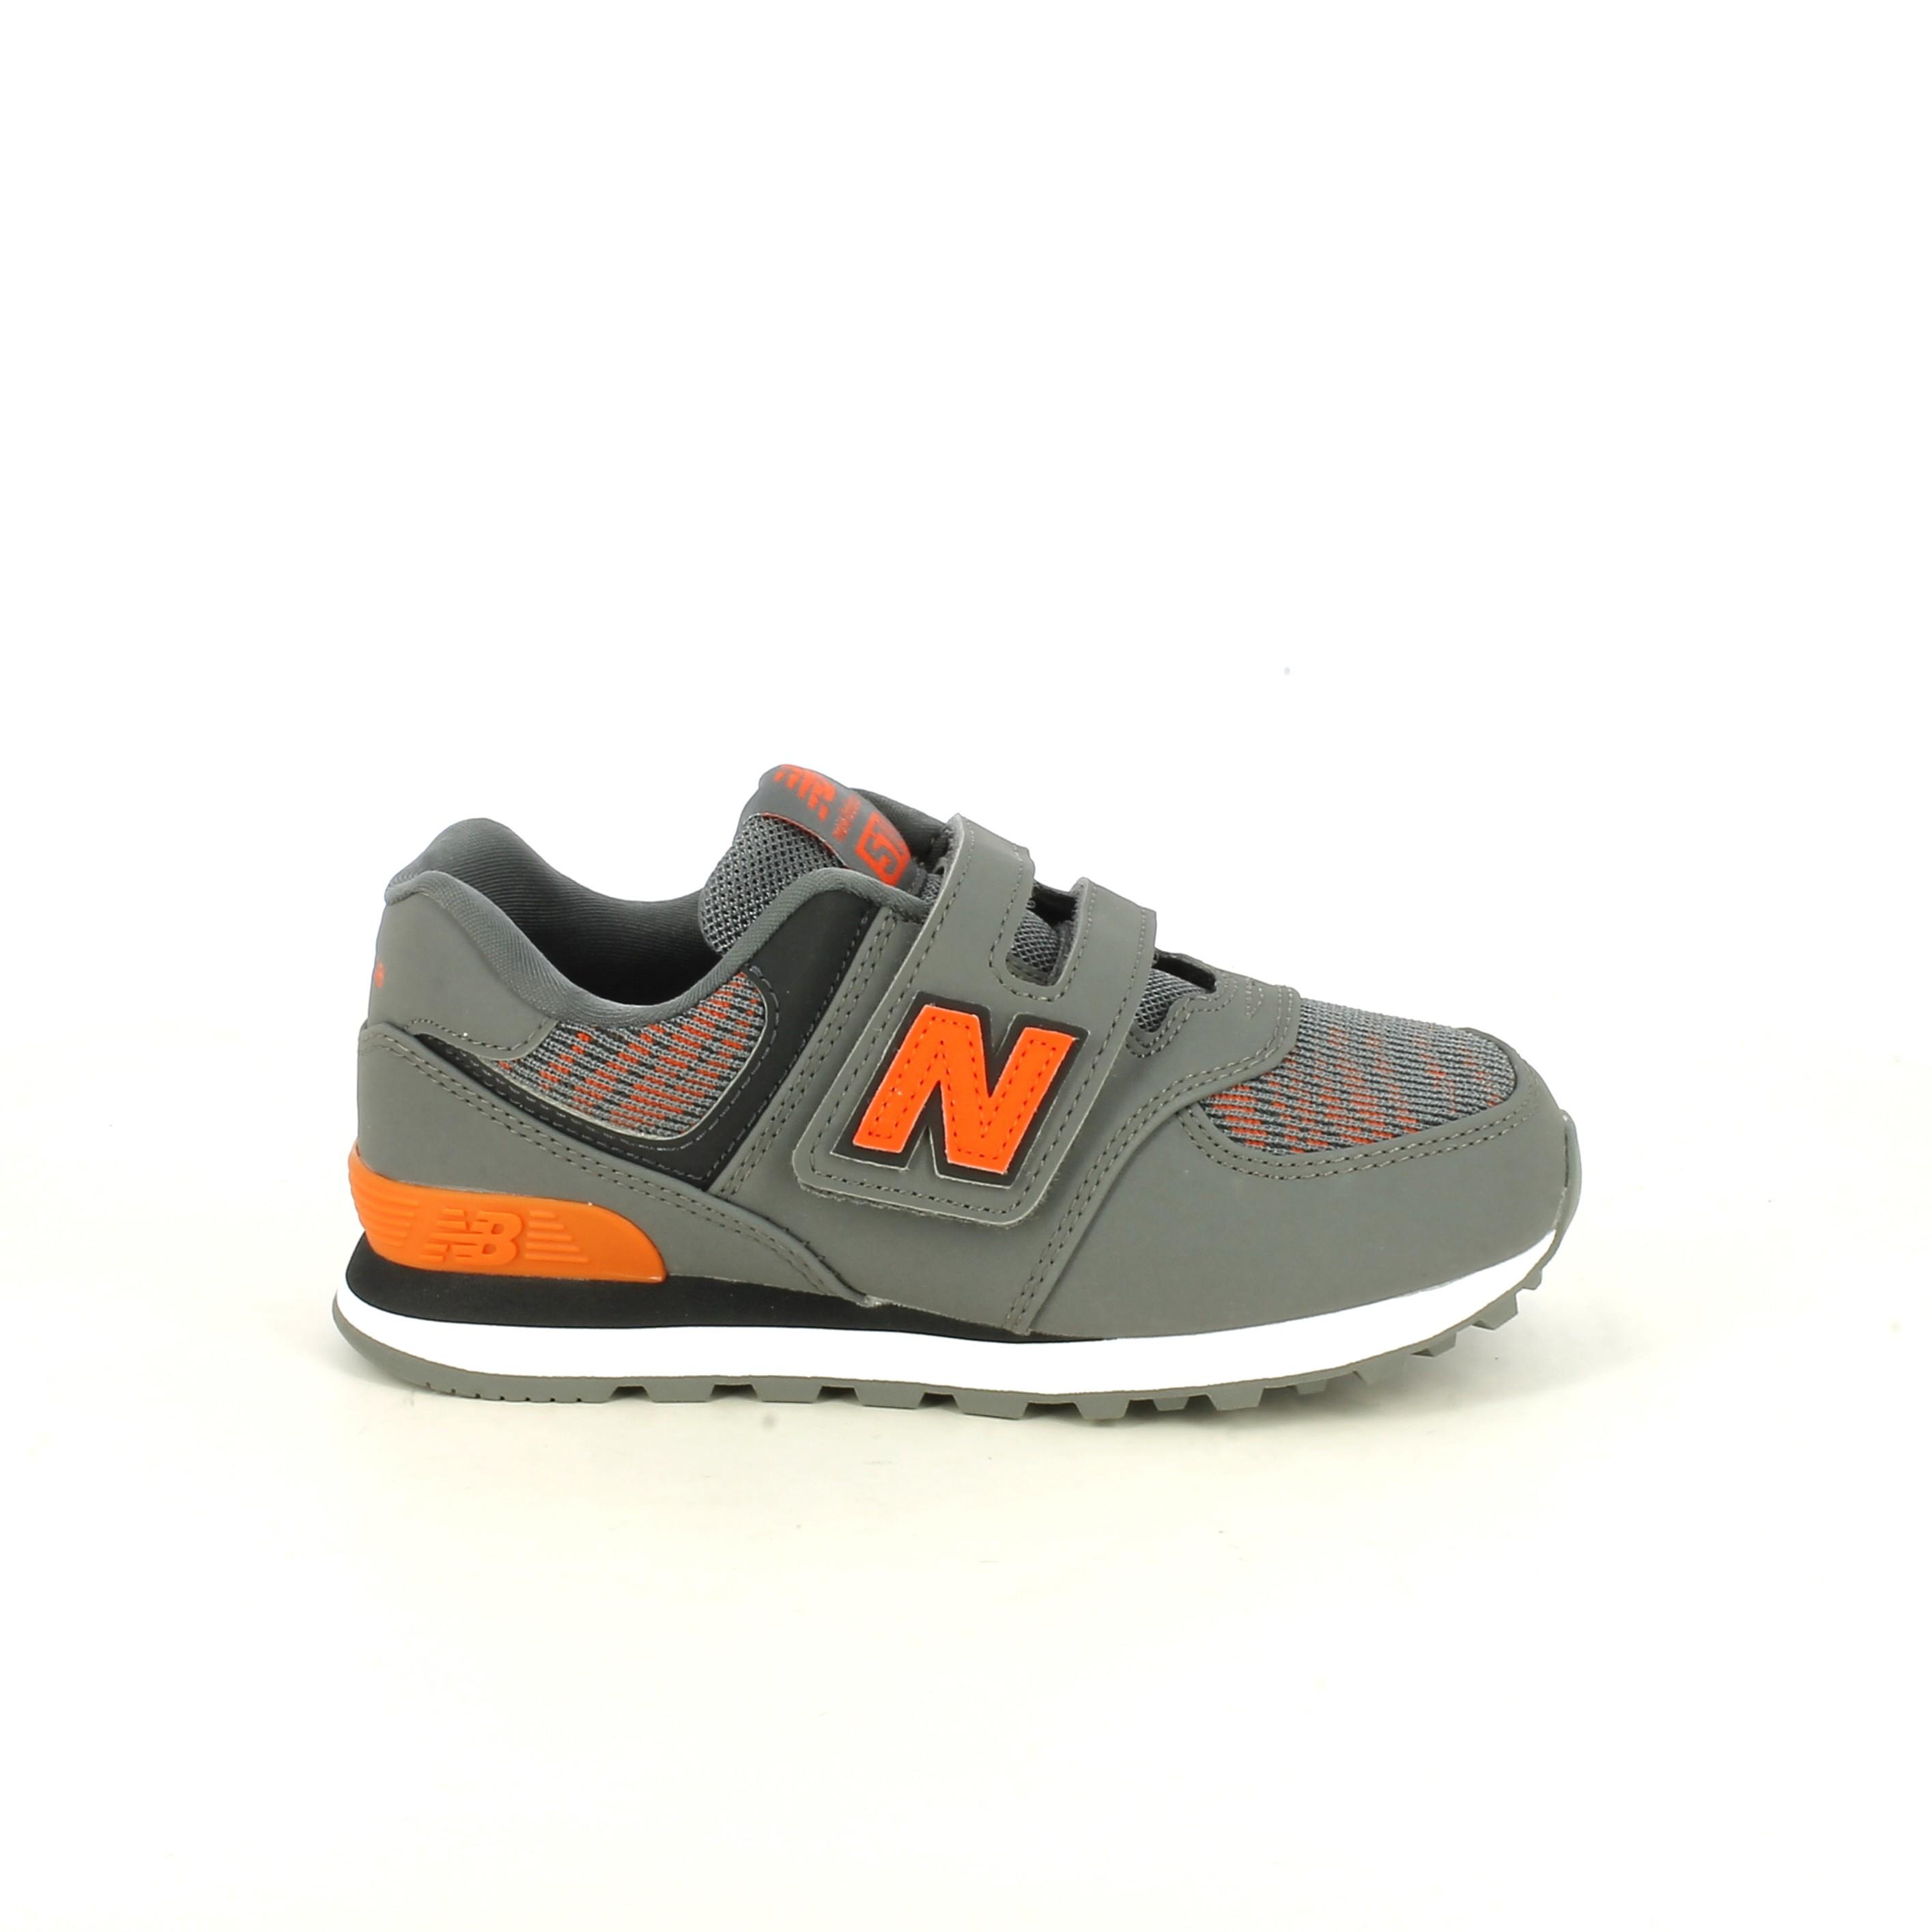 ddcfba71 zapatillas deporte 574 grises y naranjas NEW BALANCE | Querolets